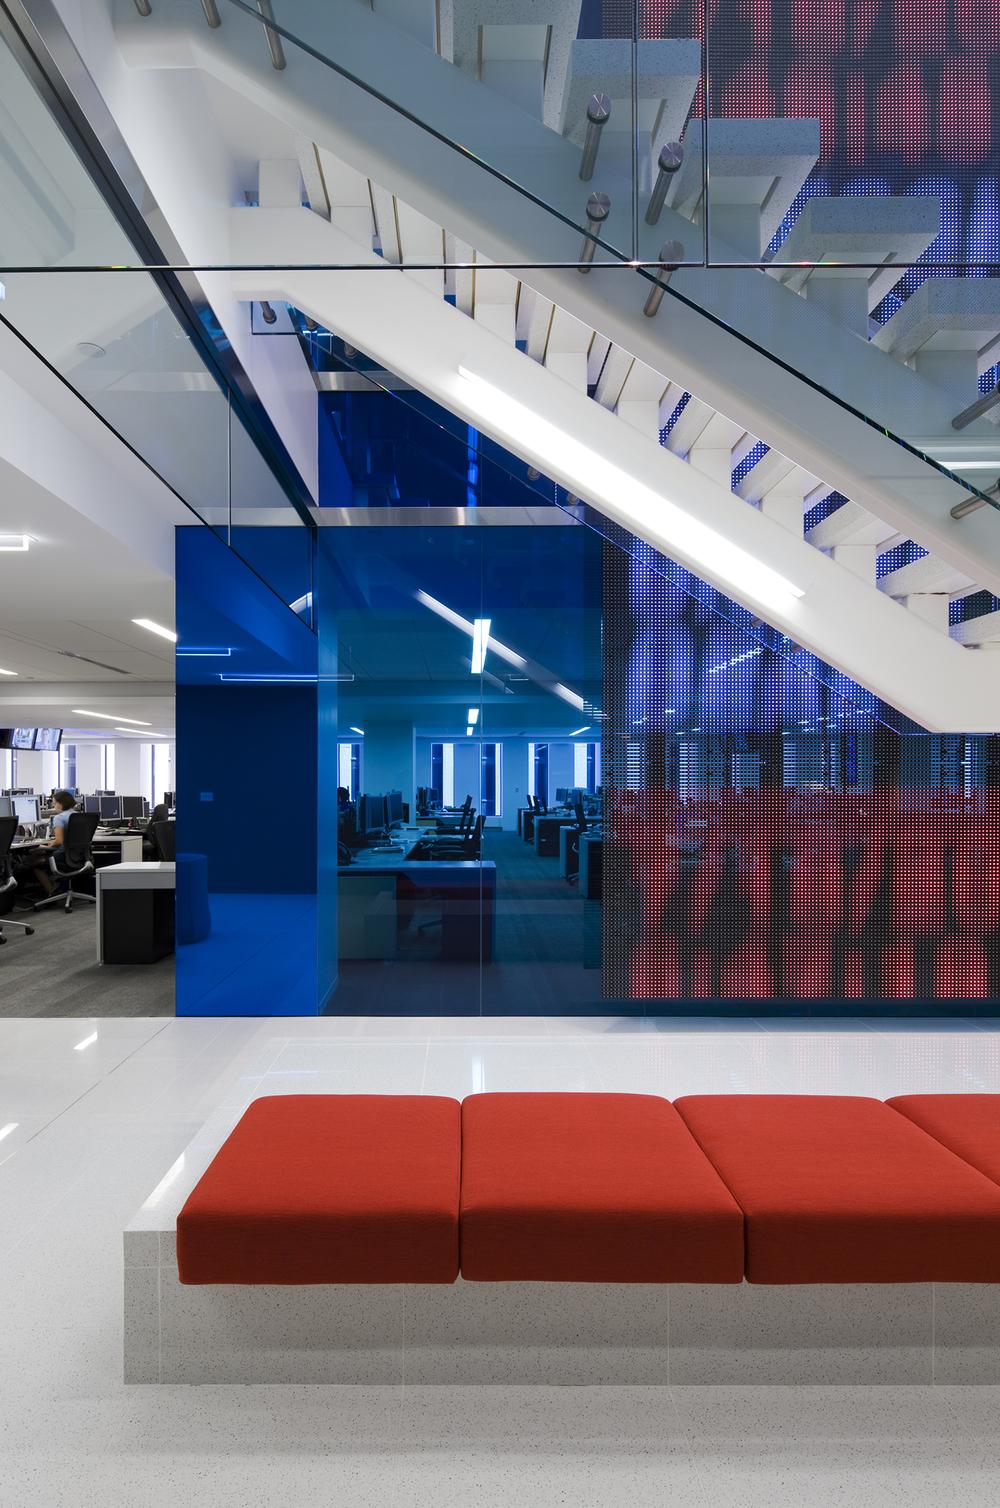 DJ_media wall fl 5 workspace_1_1500_px.jpg